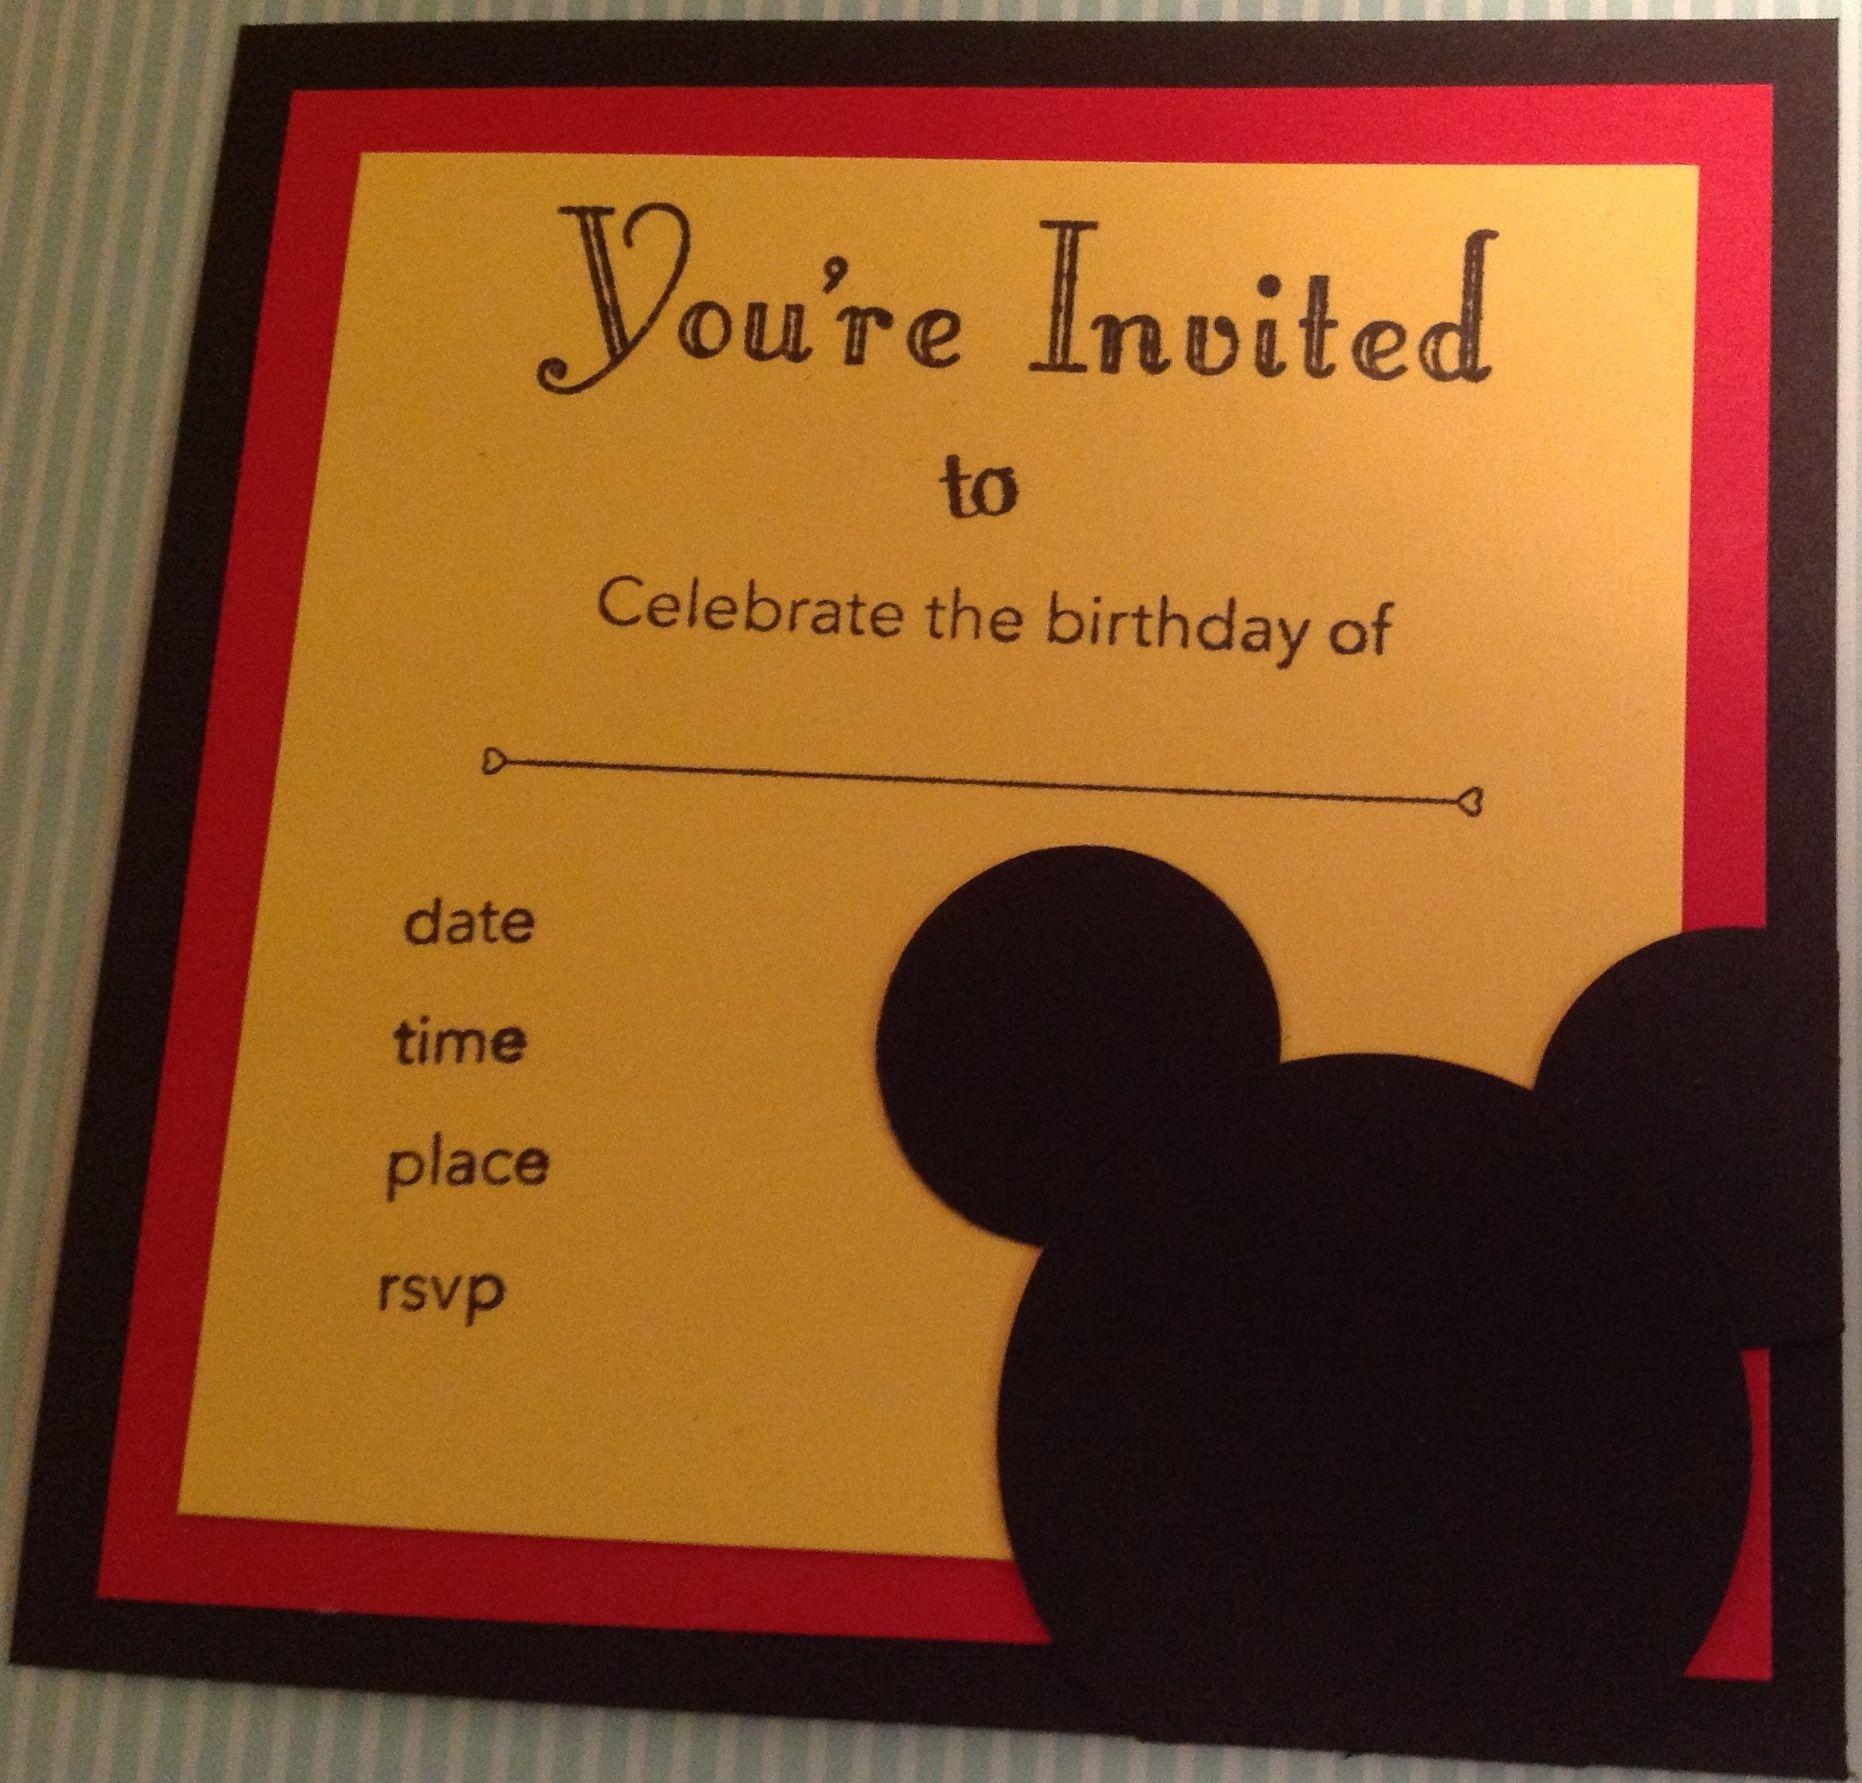 My 30th birthday invites - Disney Theme | Party | Pinterest | Disney ...